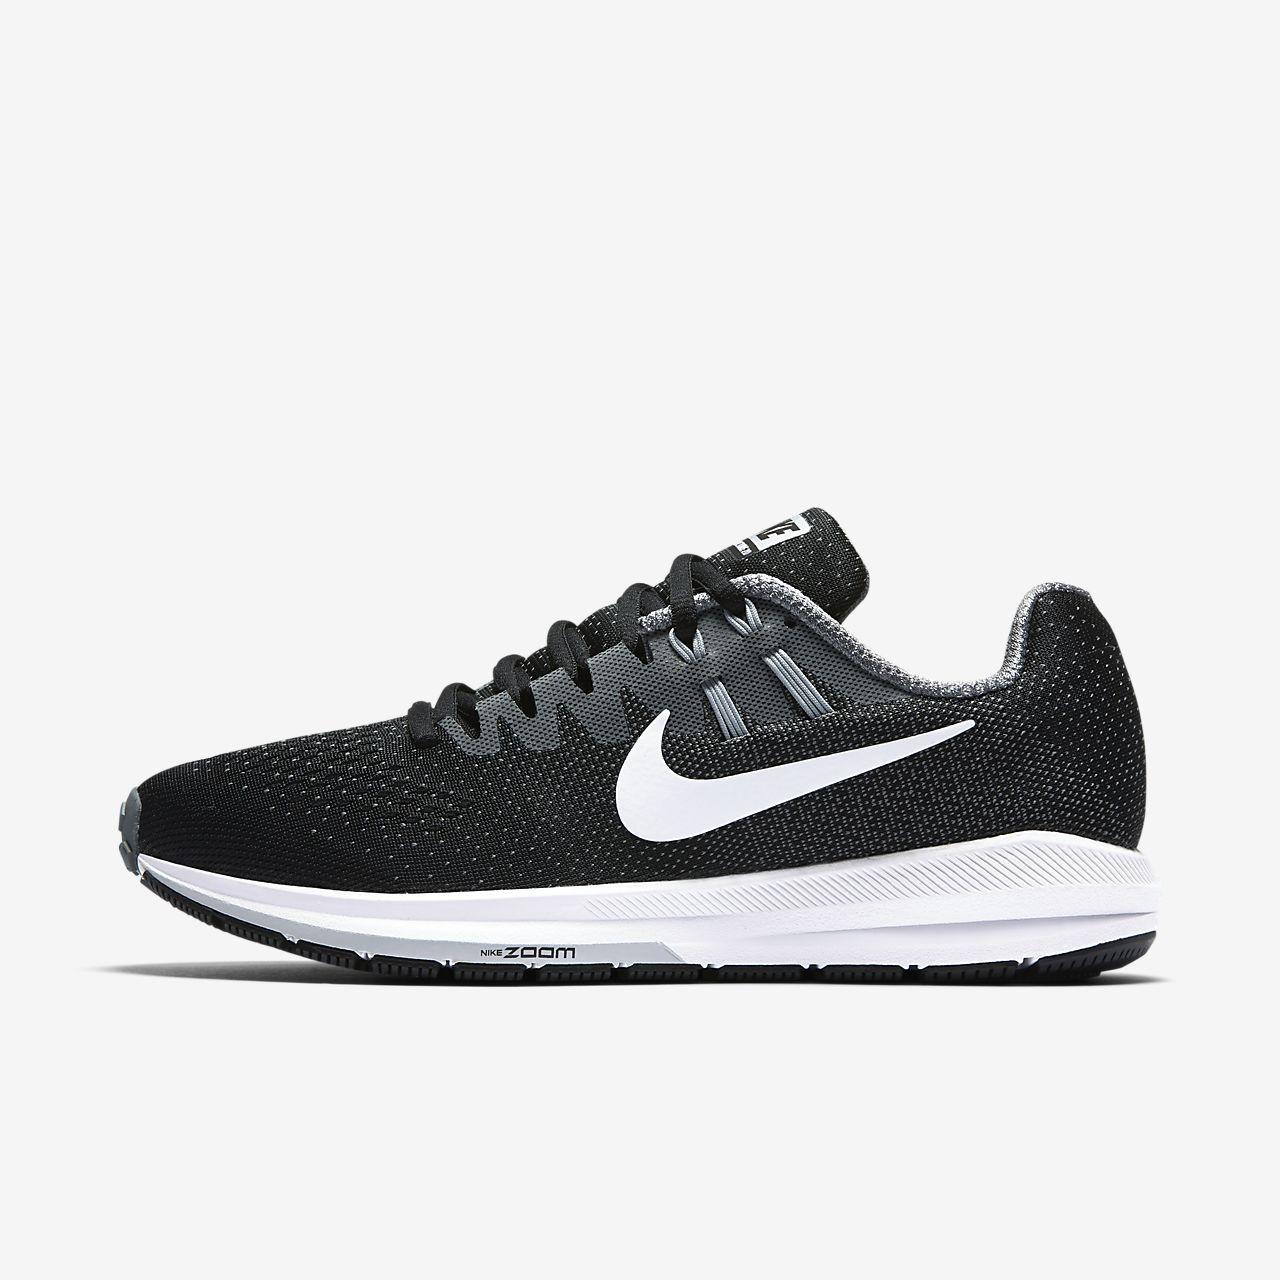 Nike - La Structure Zoom Air 20 Chaussures De Course - Hommes - Chaussures - Noir - 42,5